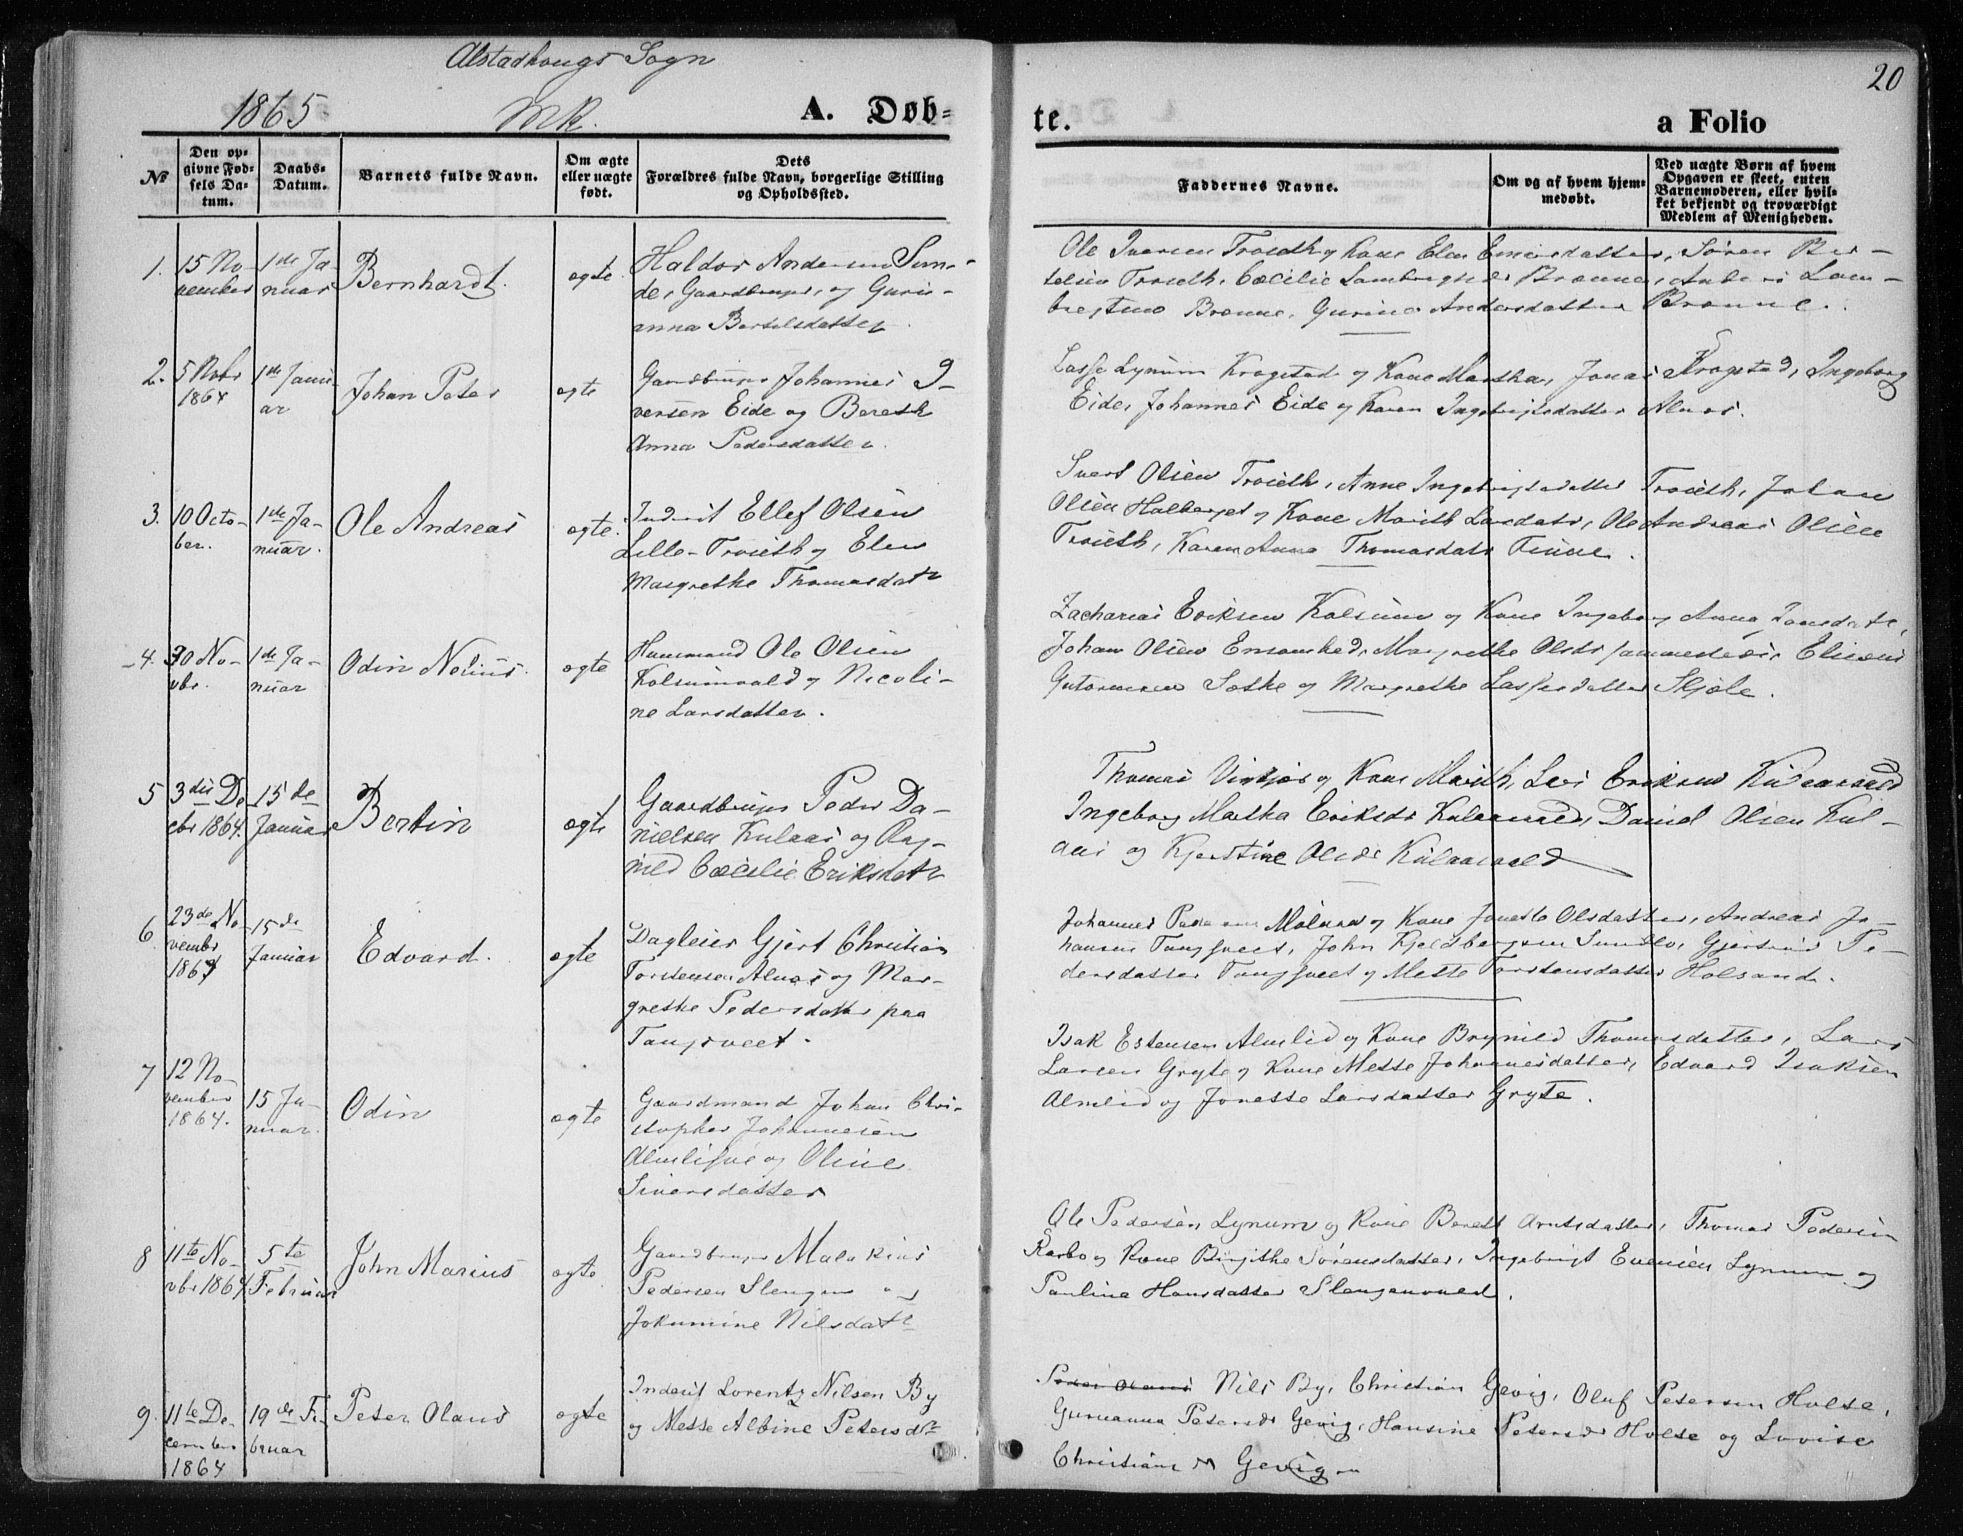 SAT, Ministerialprotokoller, klokkerbøker og fødselsregistre - Nord-Trøndelag, 717/L0157: Ministerialbok nr. 717A08 /1, 1863-1877, s. 20